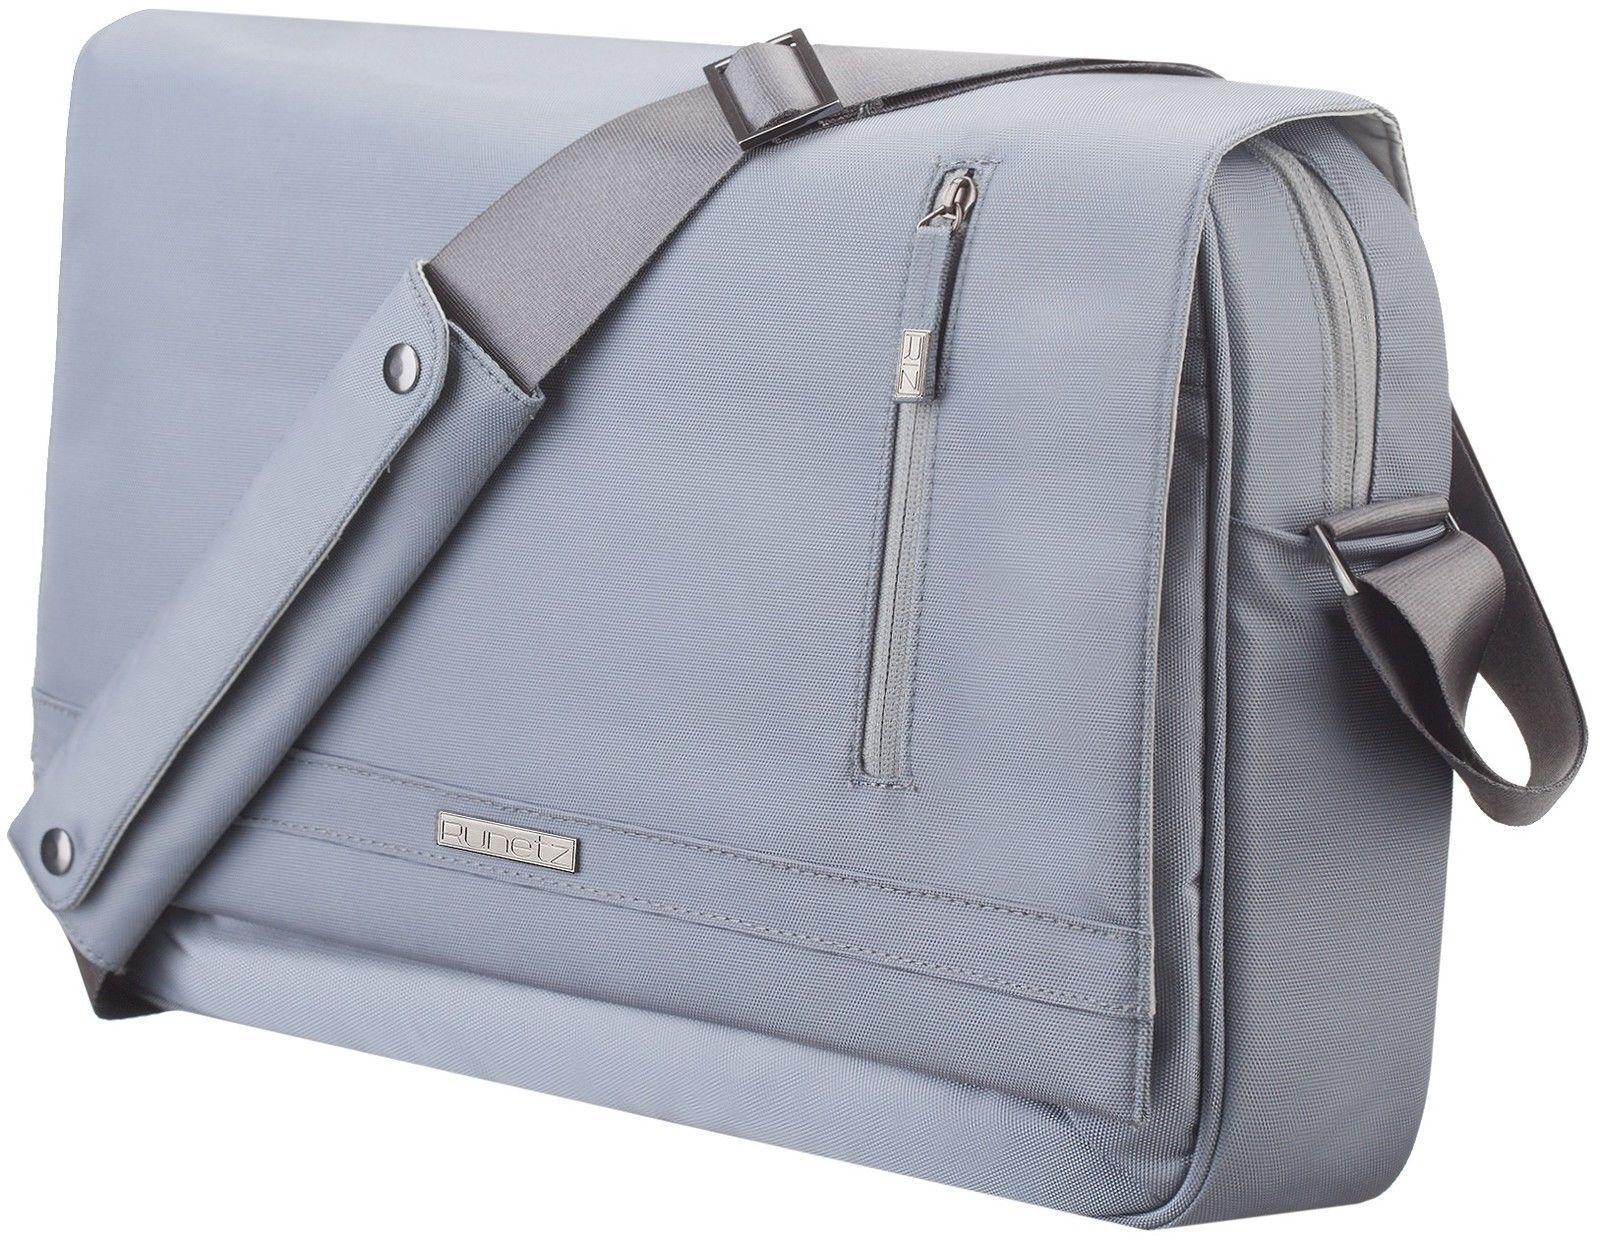 Laptop bag/carry case